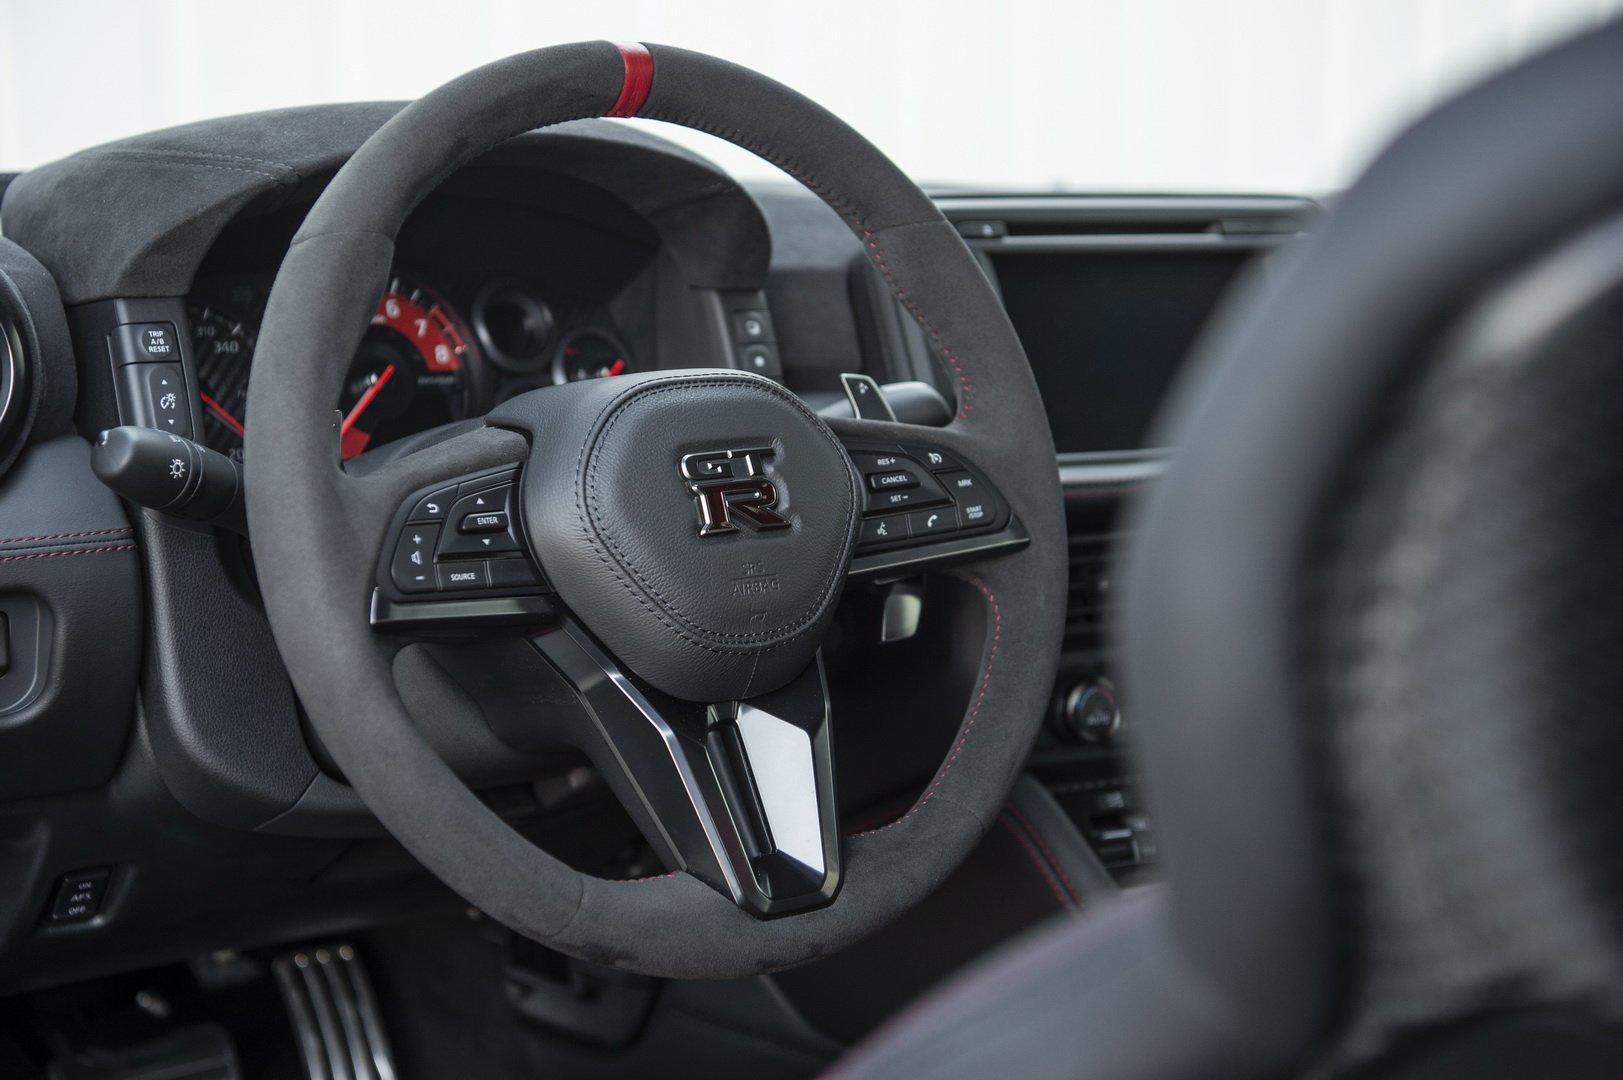 Nissan GT-R Nismo 2020 - Nissan GT-R Nismo 2020